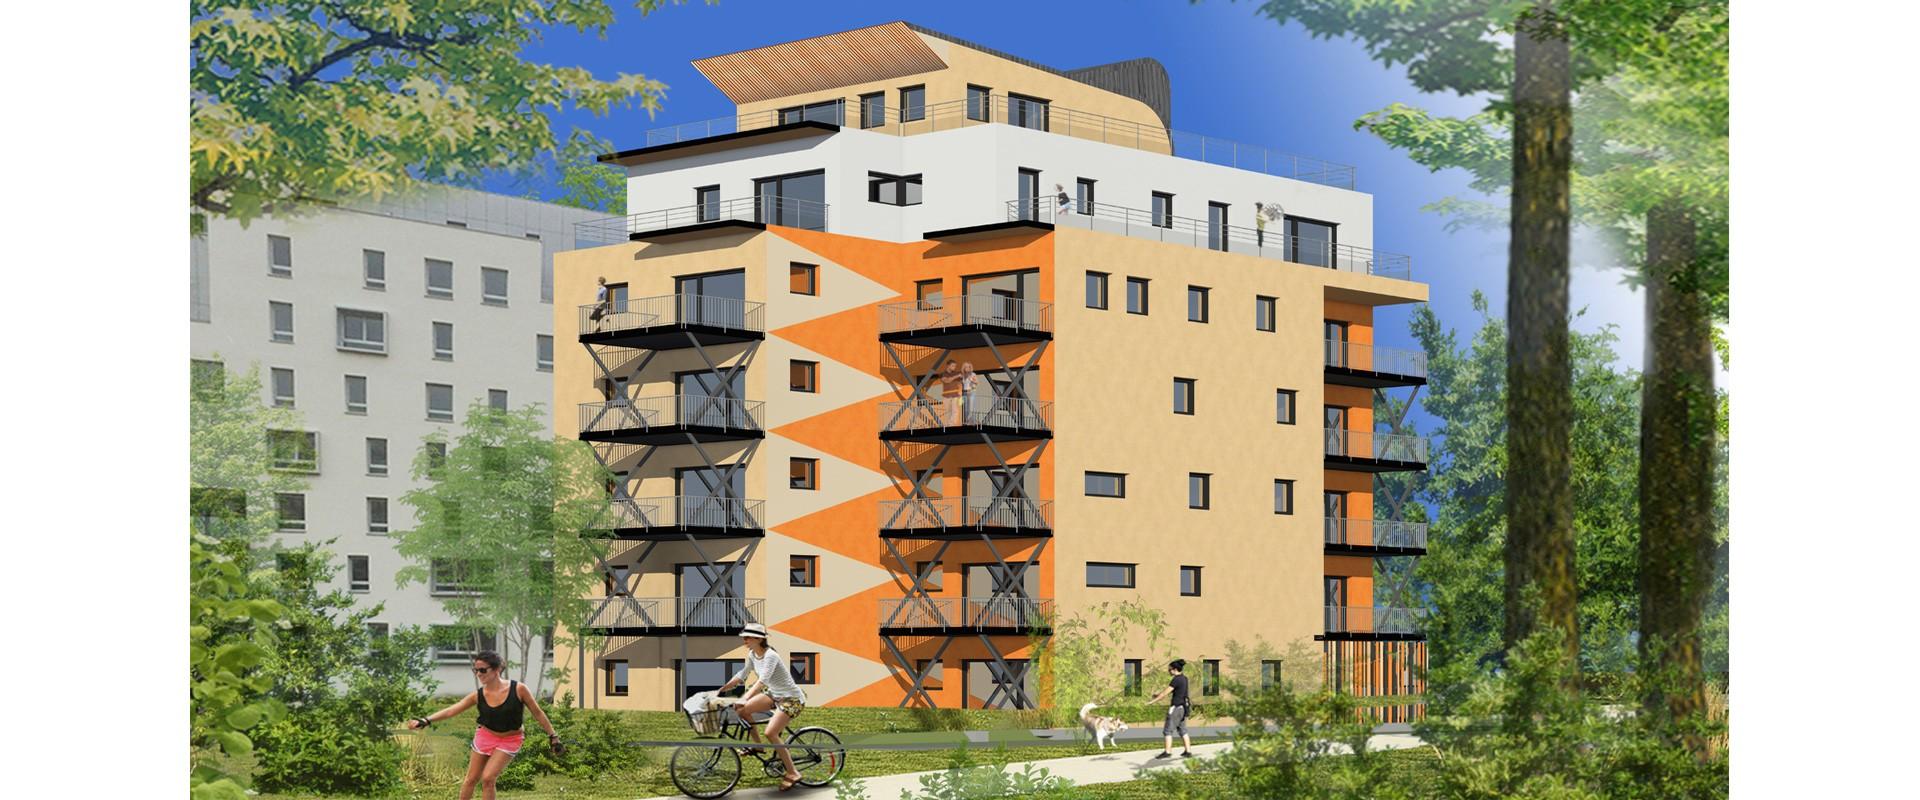 Baustelle des Not'illhus, ein hausgemachtes Mehrfamilienhaus!